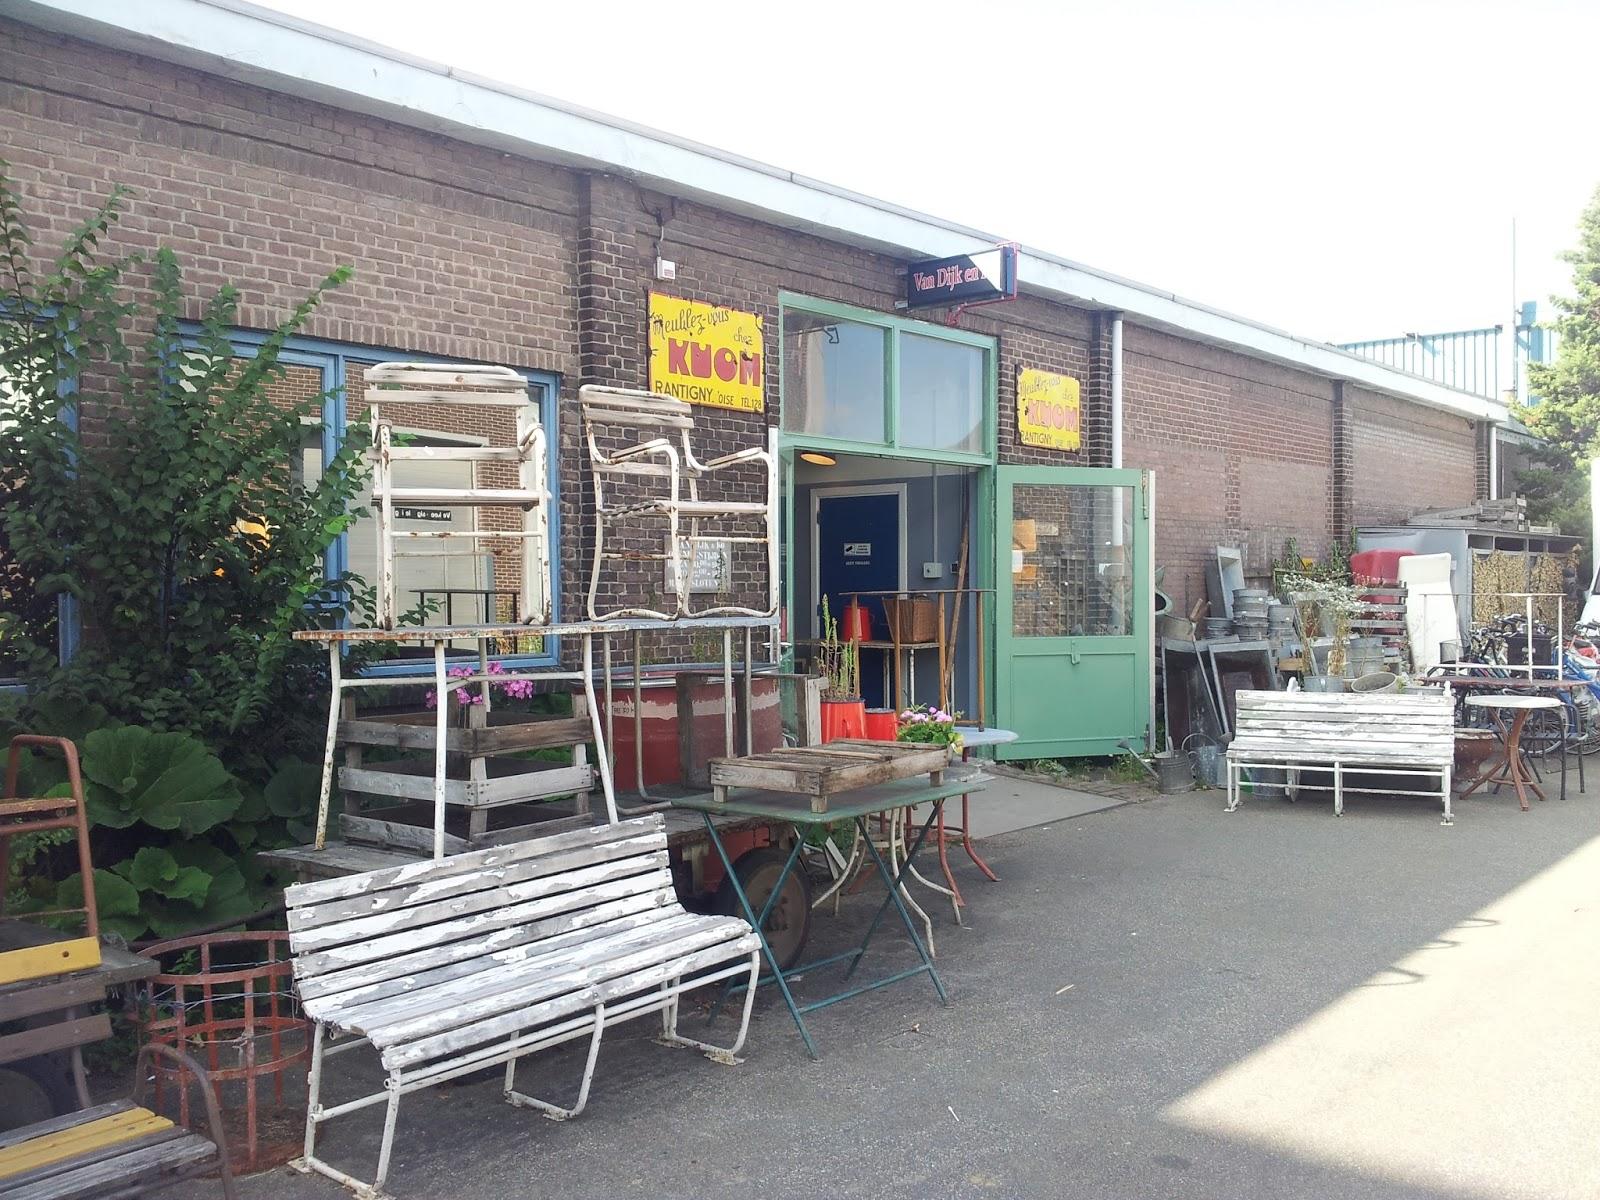 Amsterdam Noord Tweedehands Meubels.Neighbourfood Market Struinen Bij Van Dijk En Ko